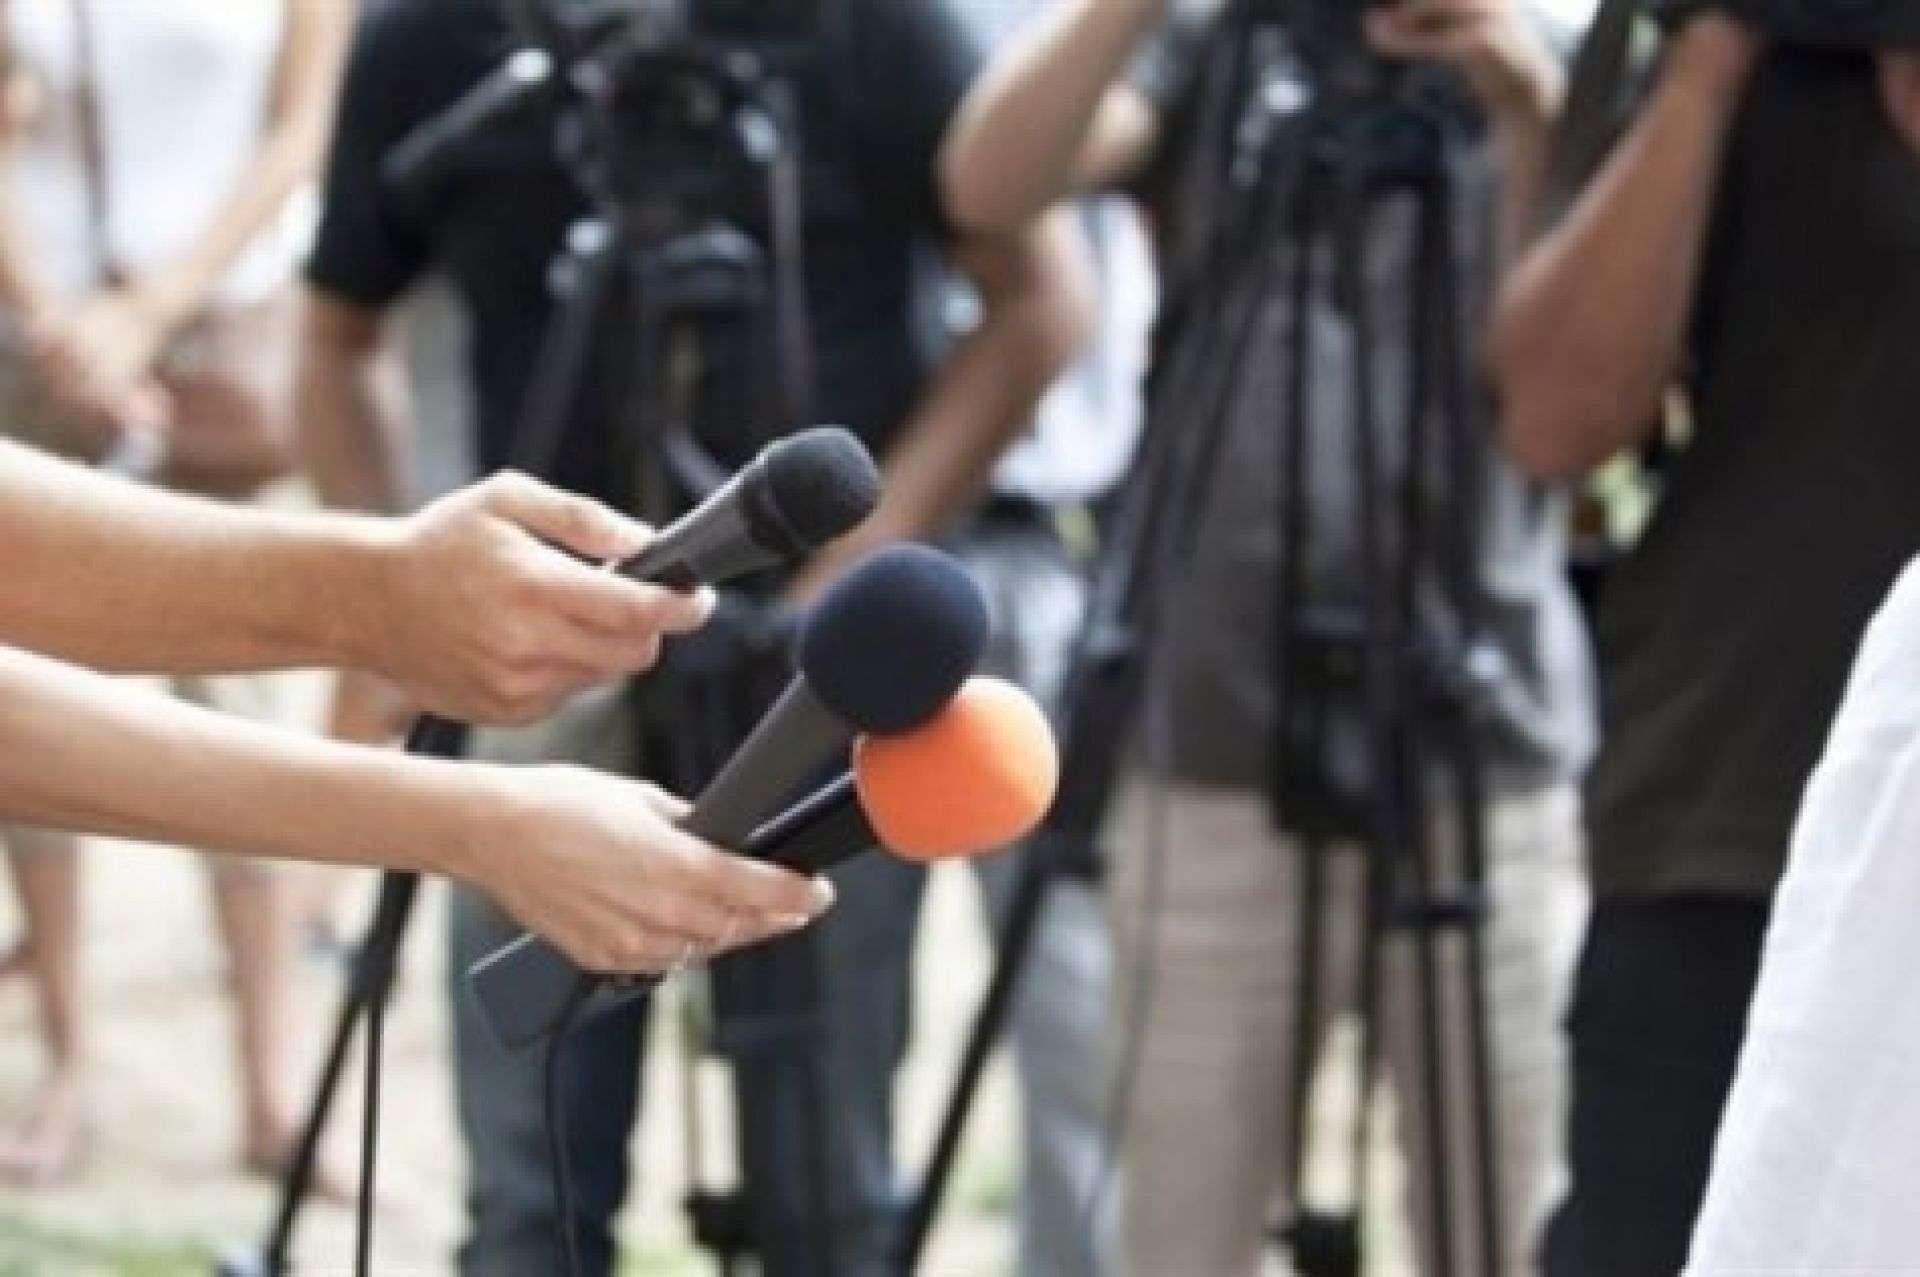 Istraživanje pokazalo da čak 21 posto građana BiH opravdava nasilje nad novinarima